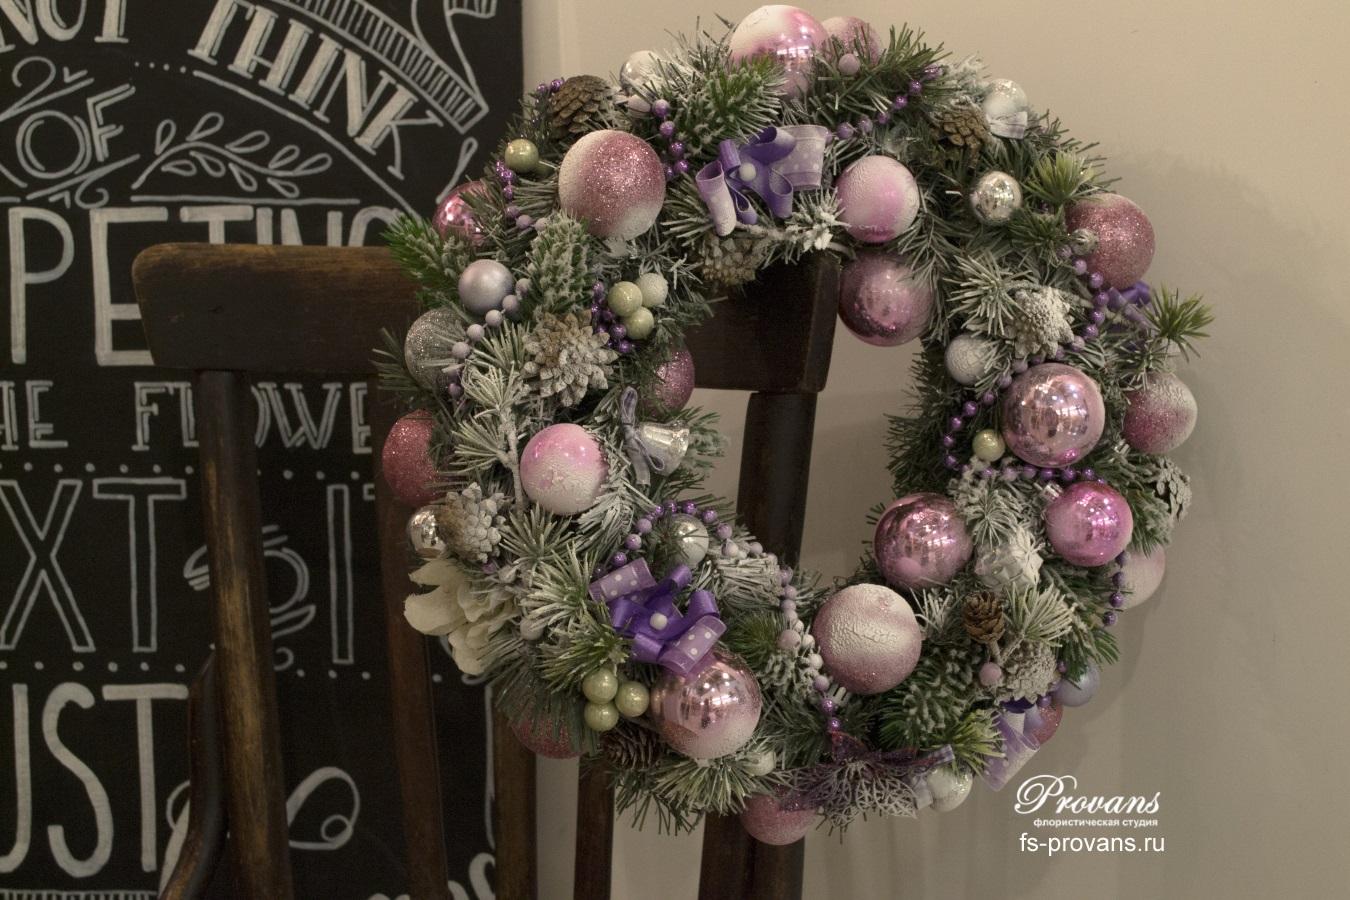 Розовый венок на новый год